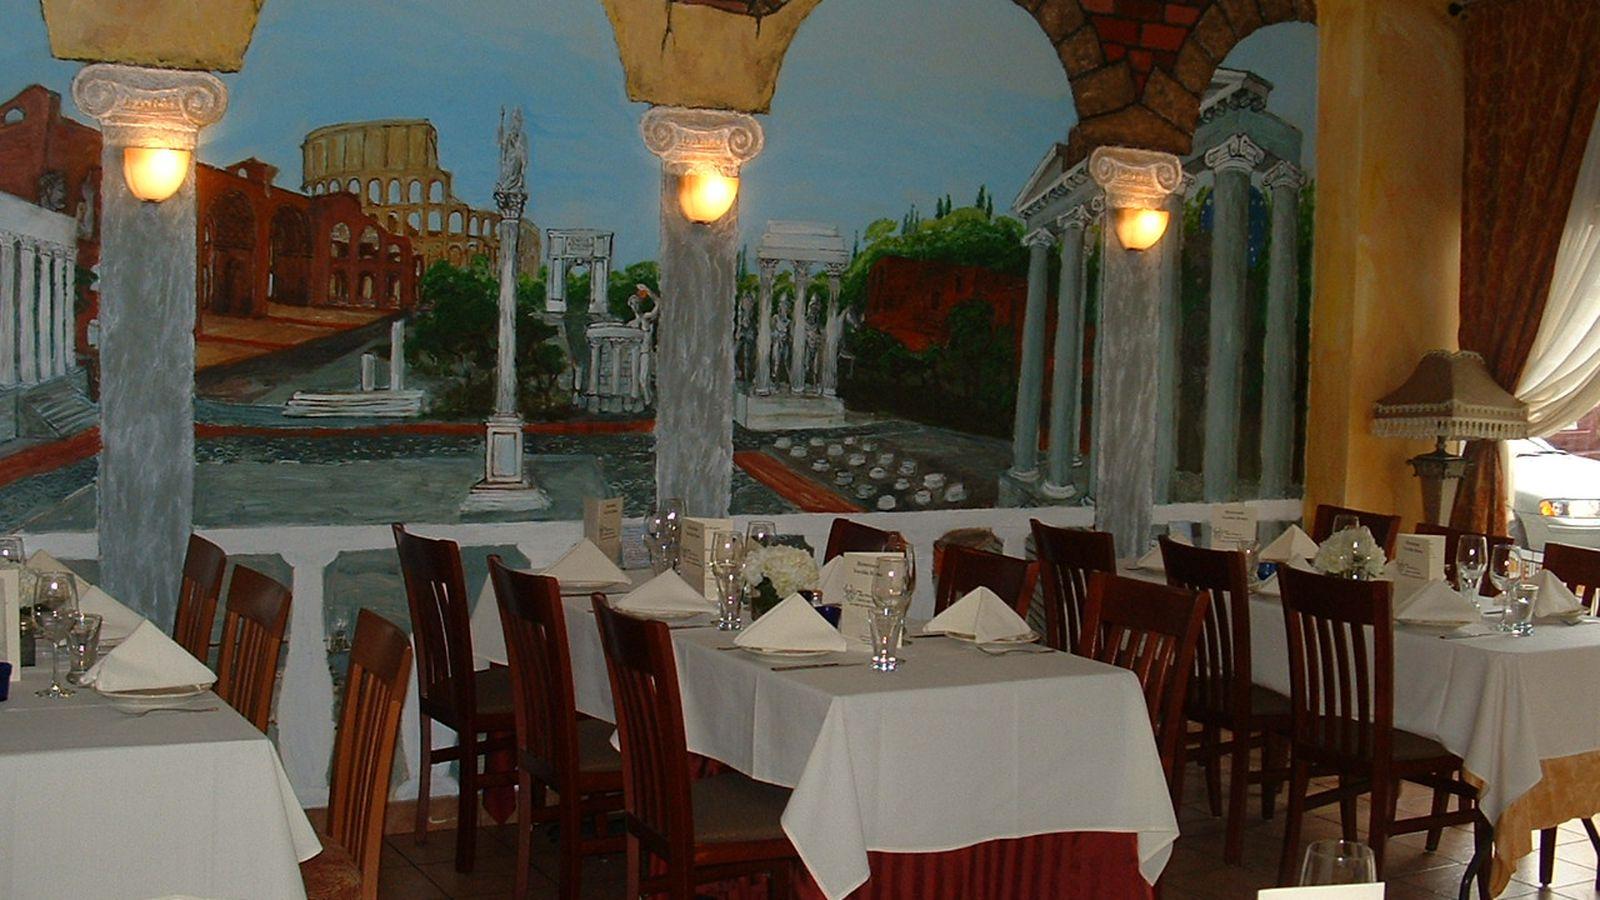 Sangria to replace vecchia roma in newton eater boston for La vecchia roma ristorante roma